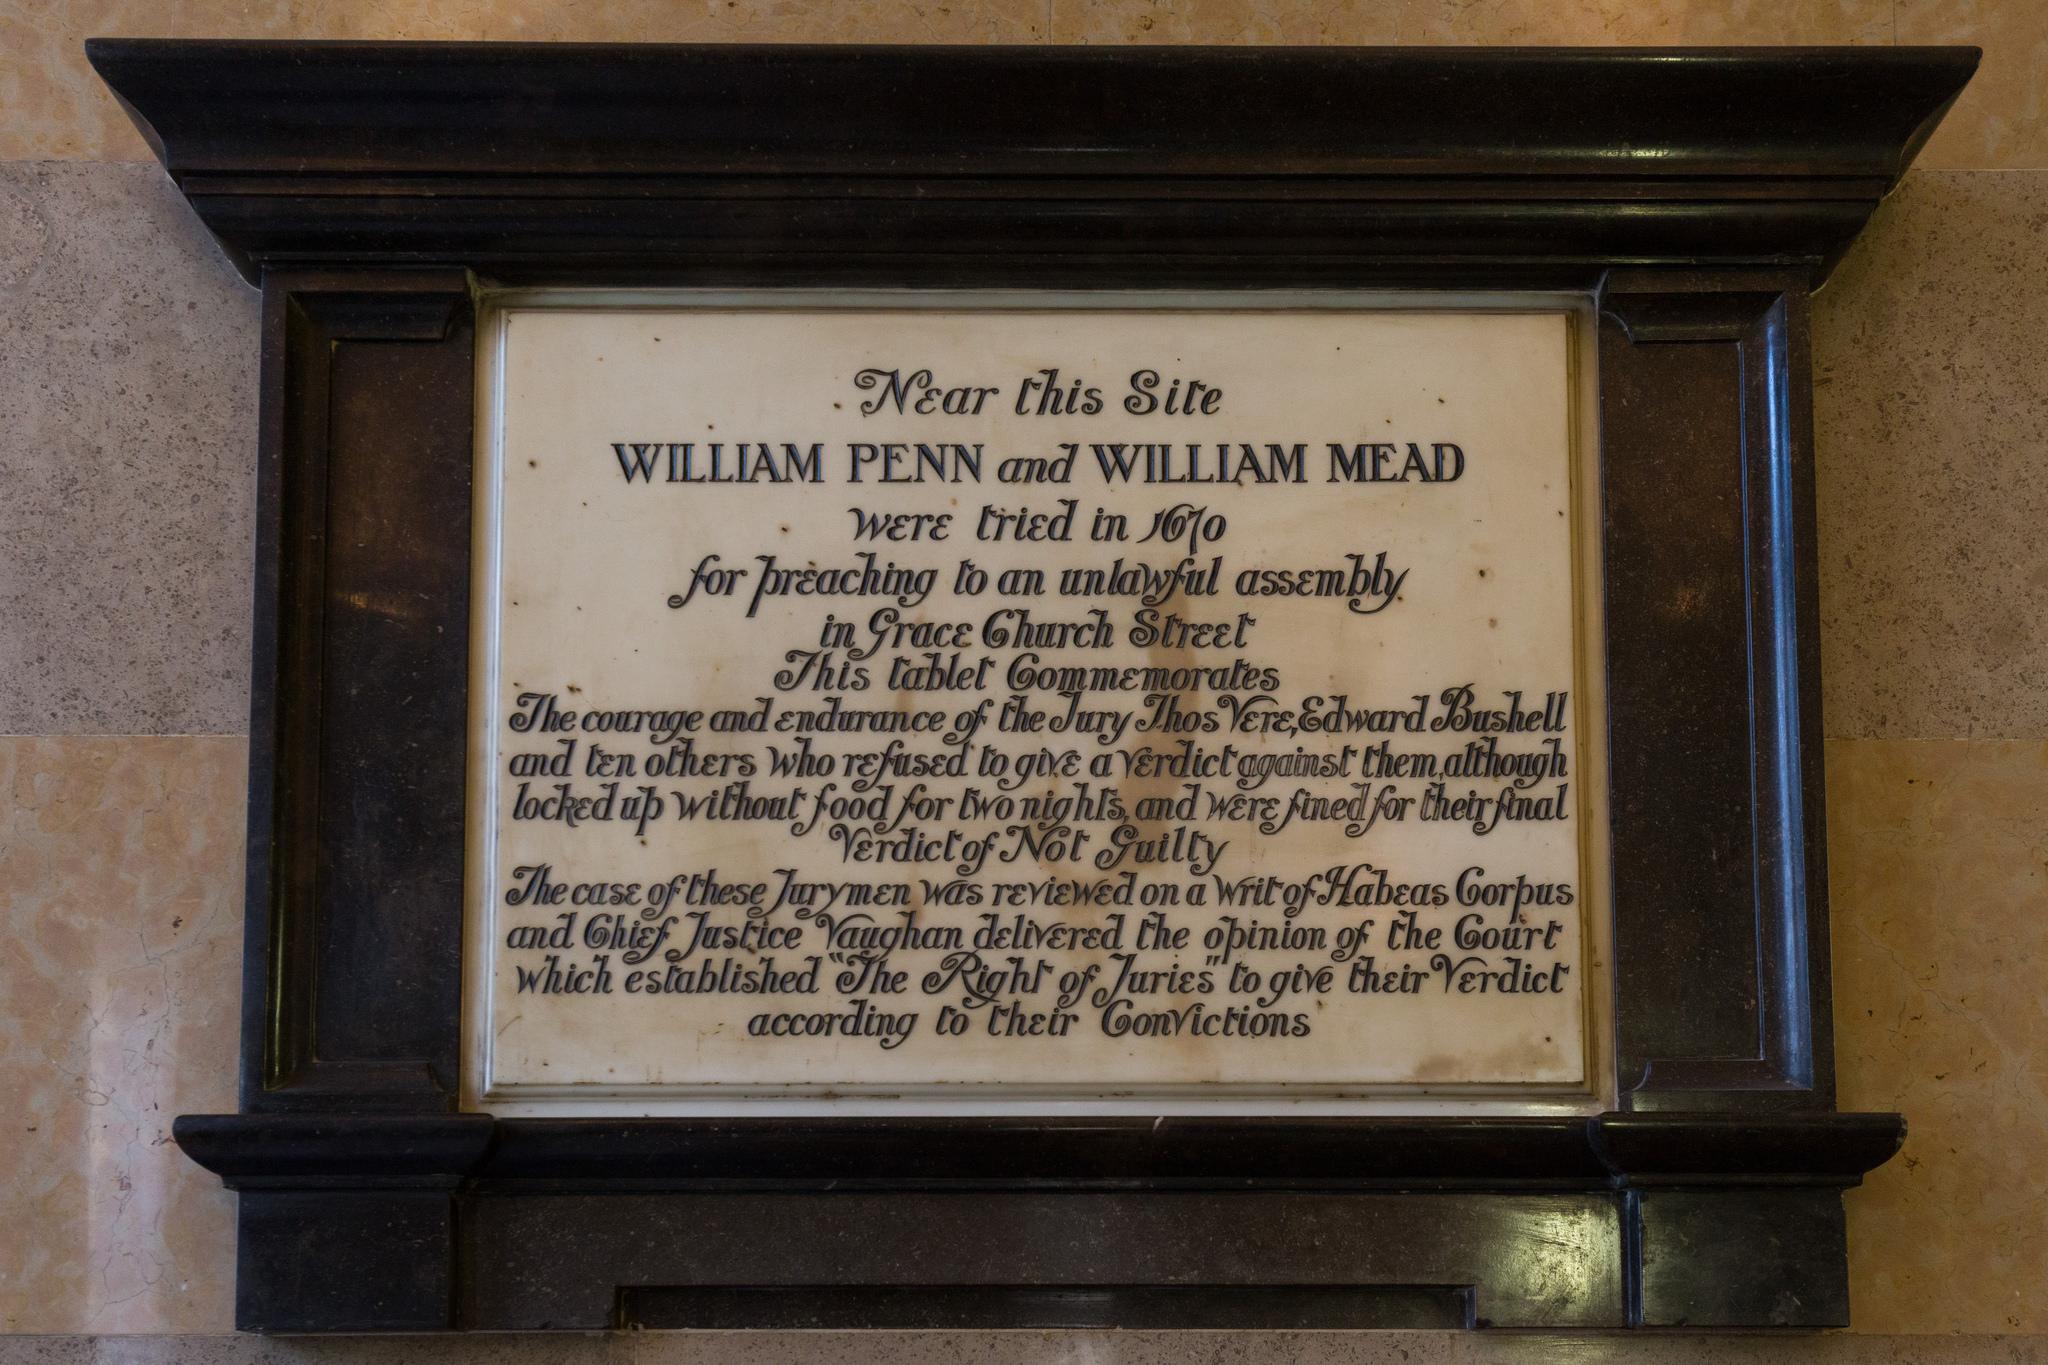 William Penn & William Mead Plaque (Flickr: Paul Clarke)